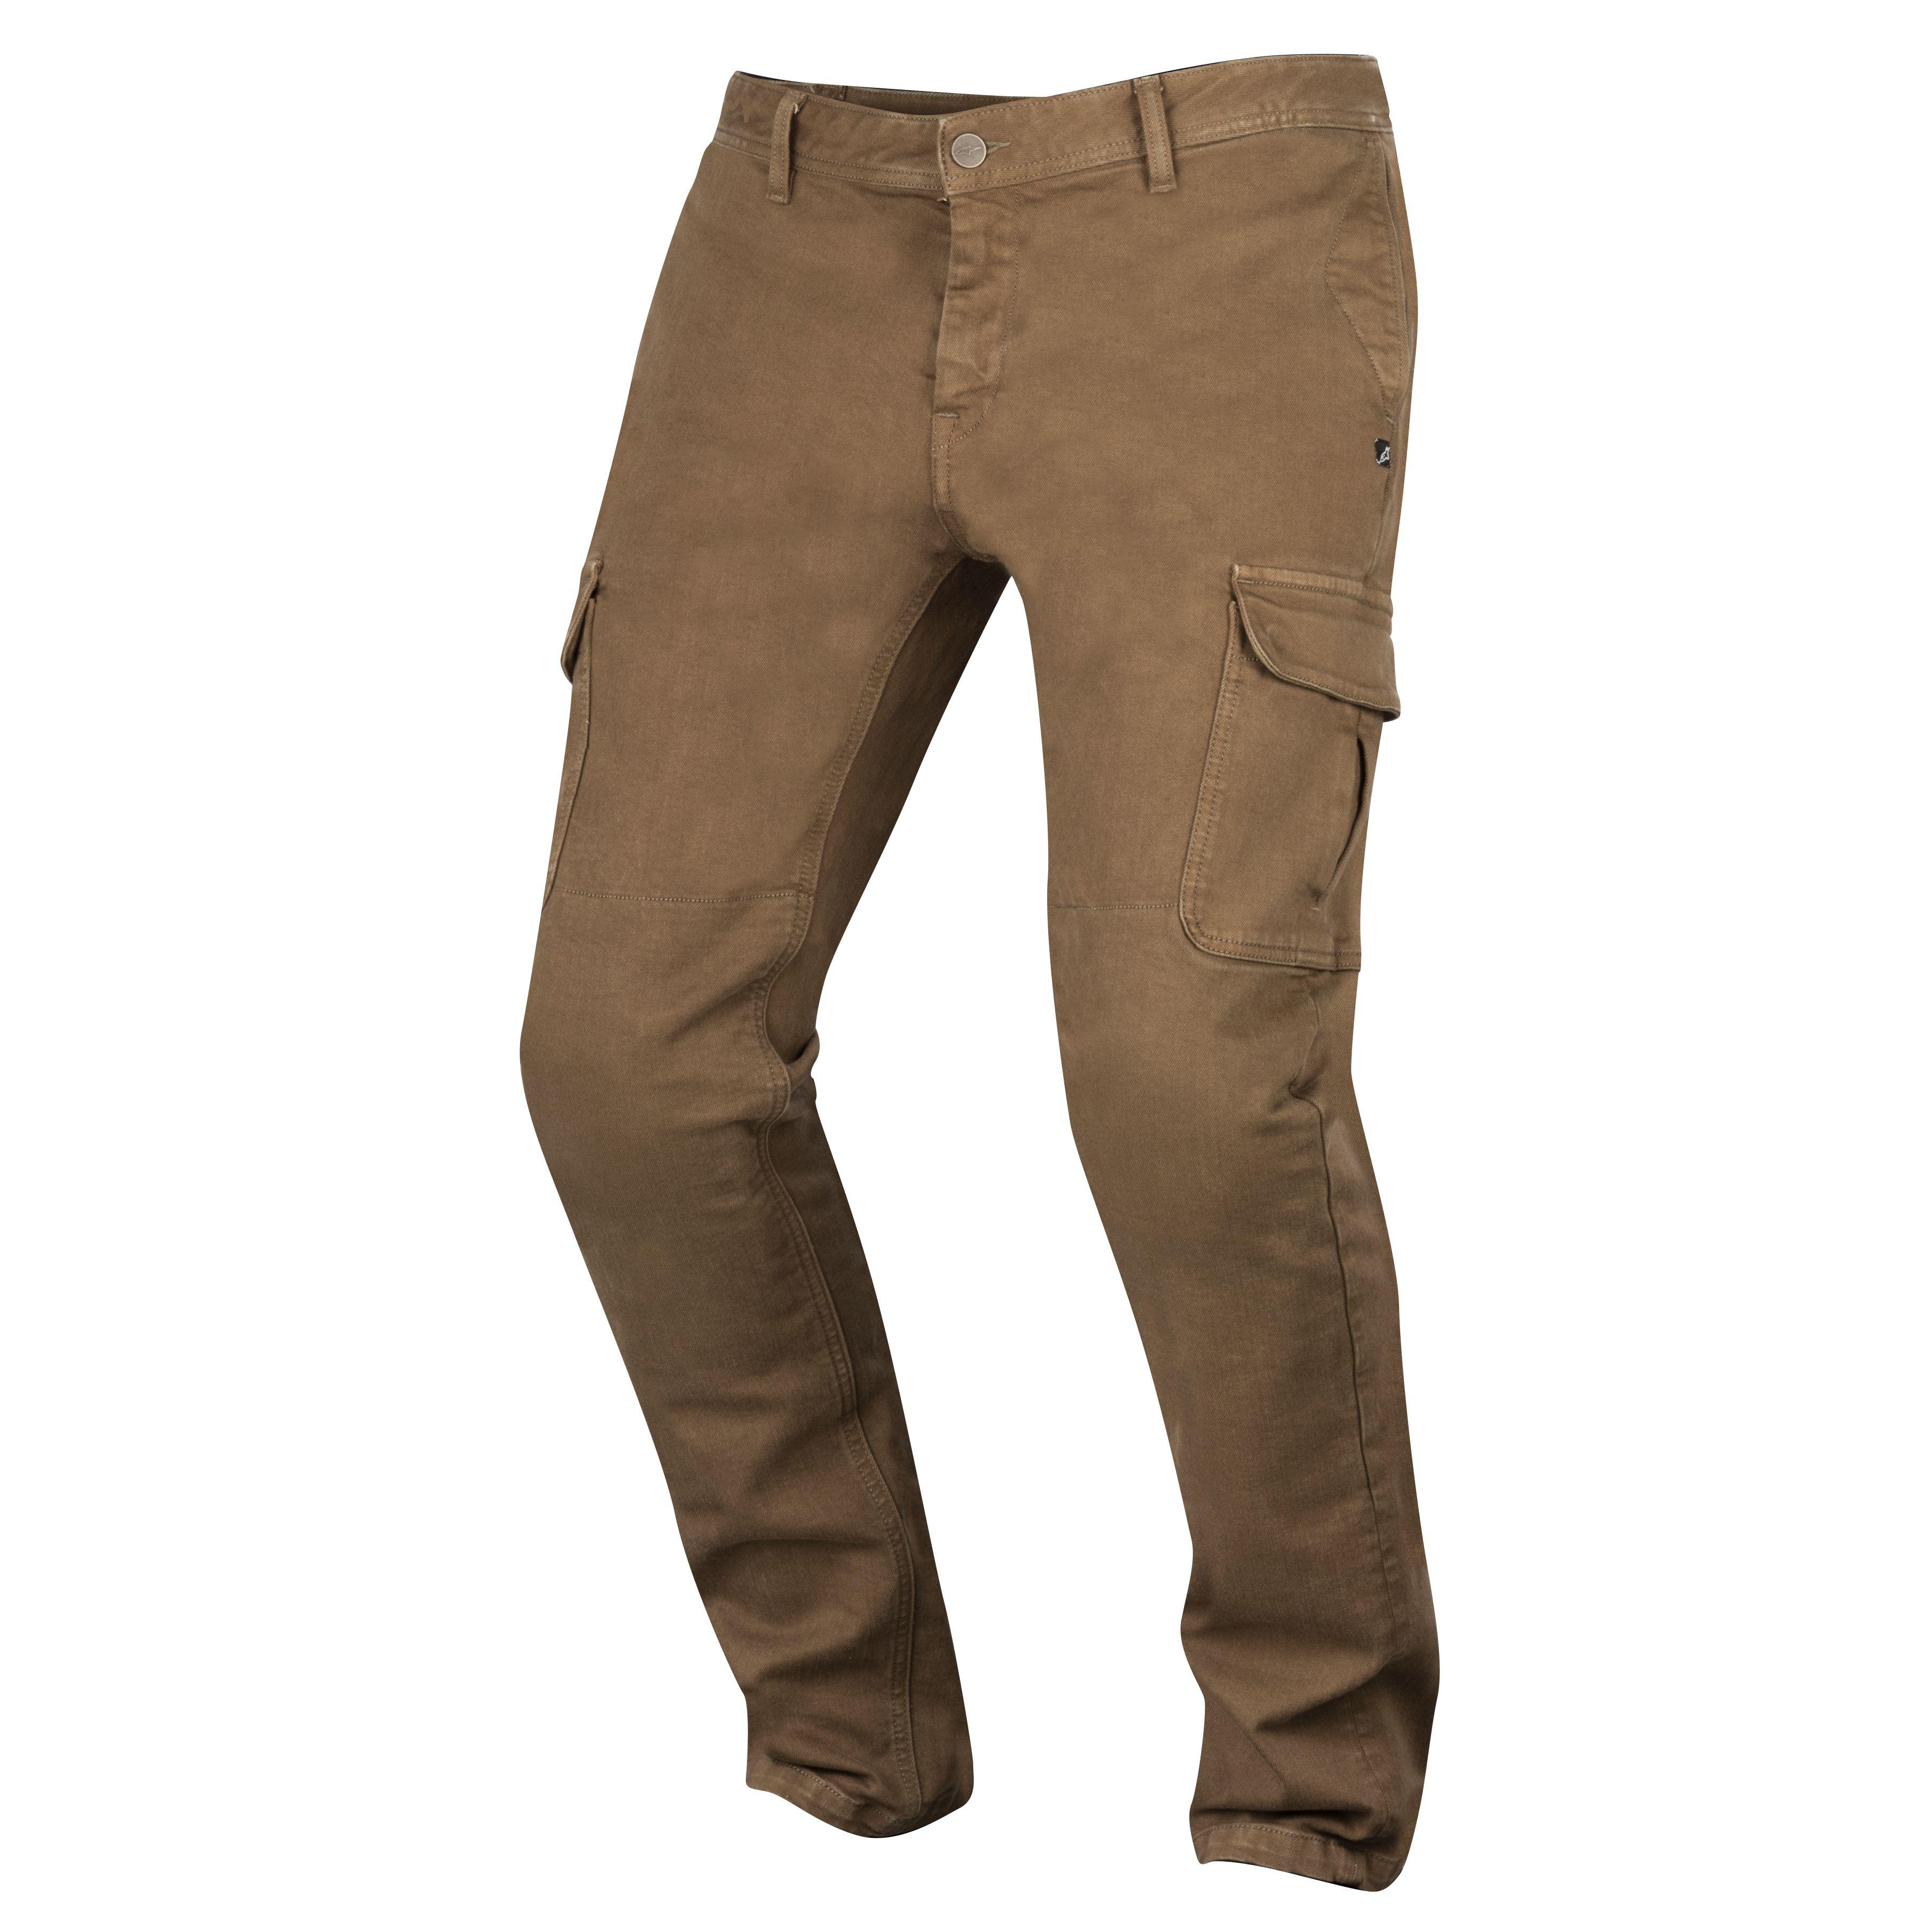 PANTALONES - Pantalones ADEEP weagjk